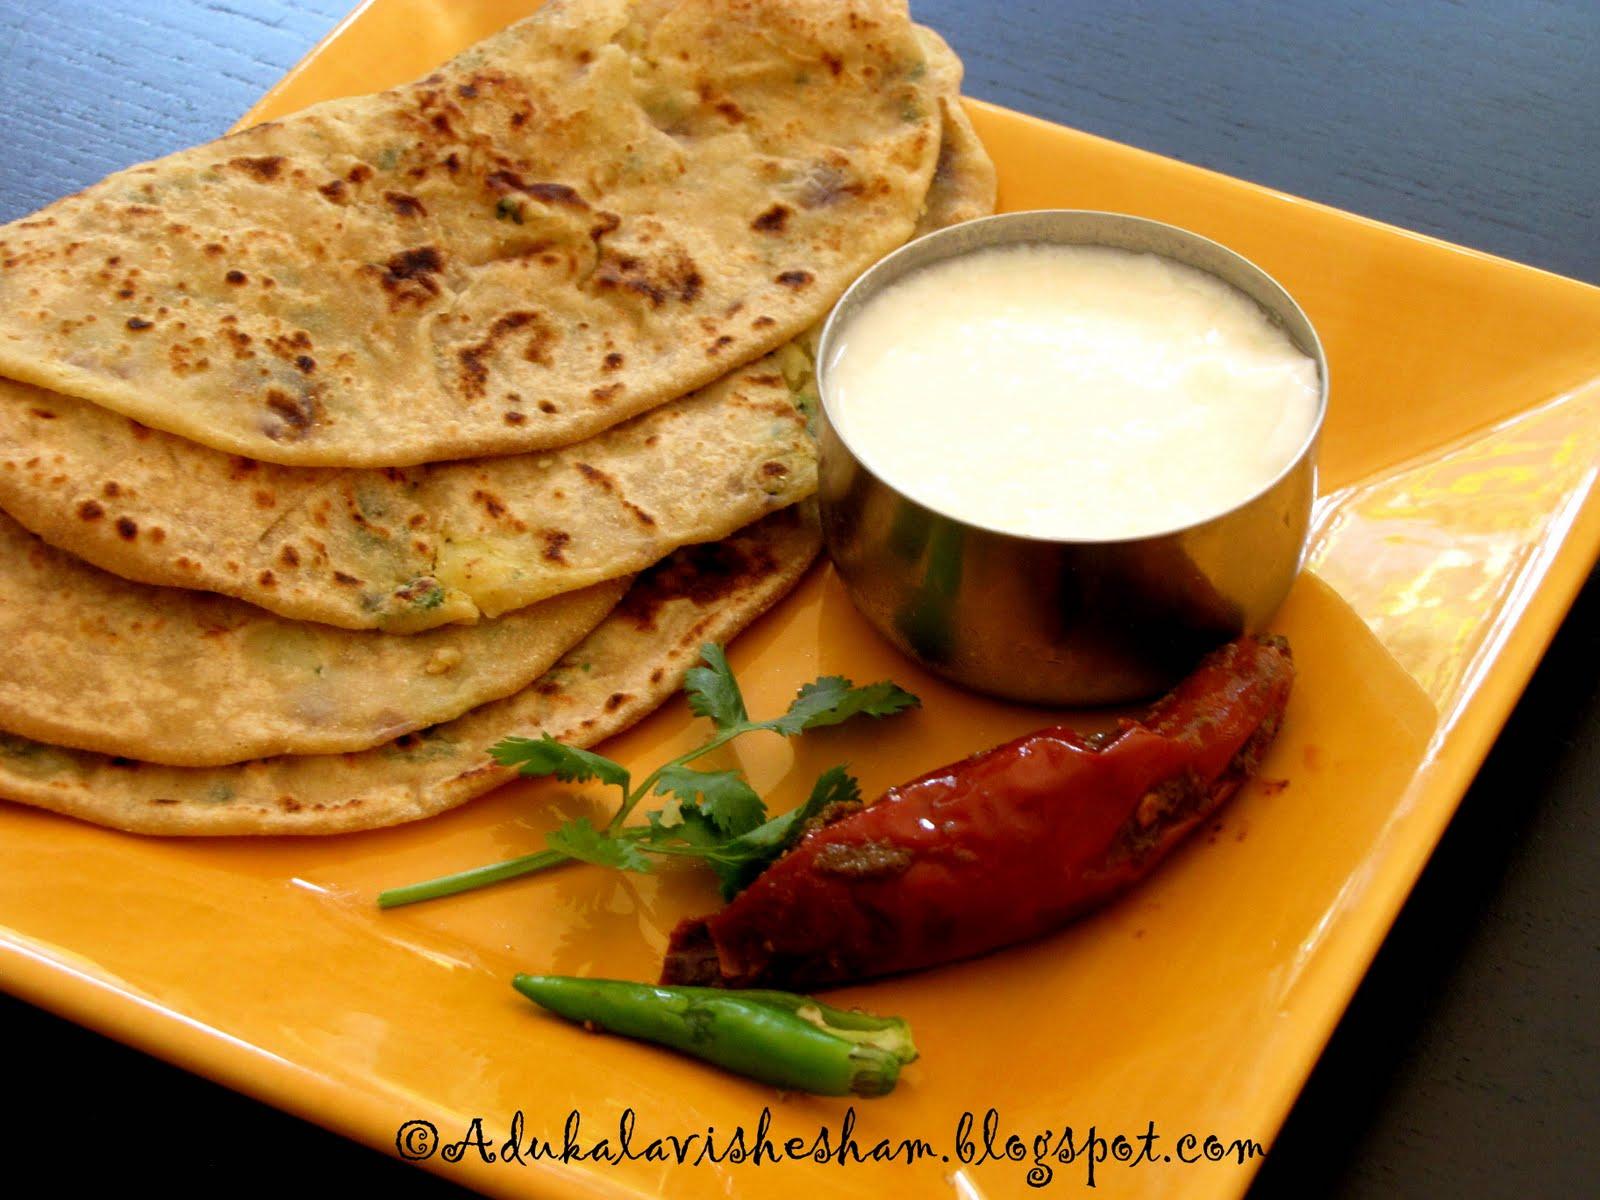 Adukala vishesham aloo paratha aloo paratha forumfinder Image collections